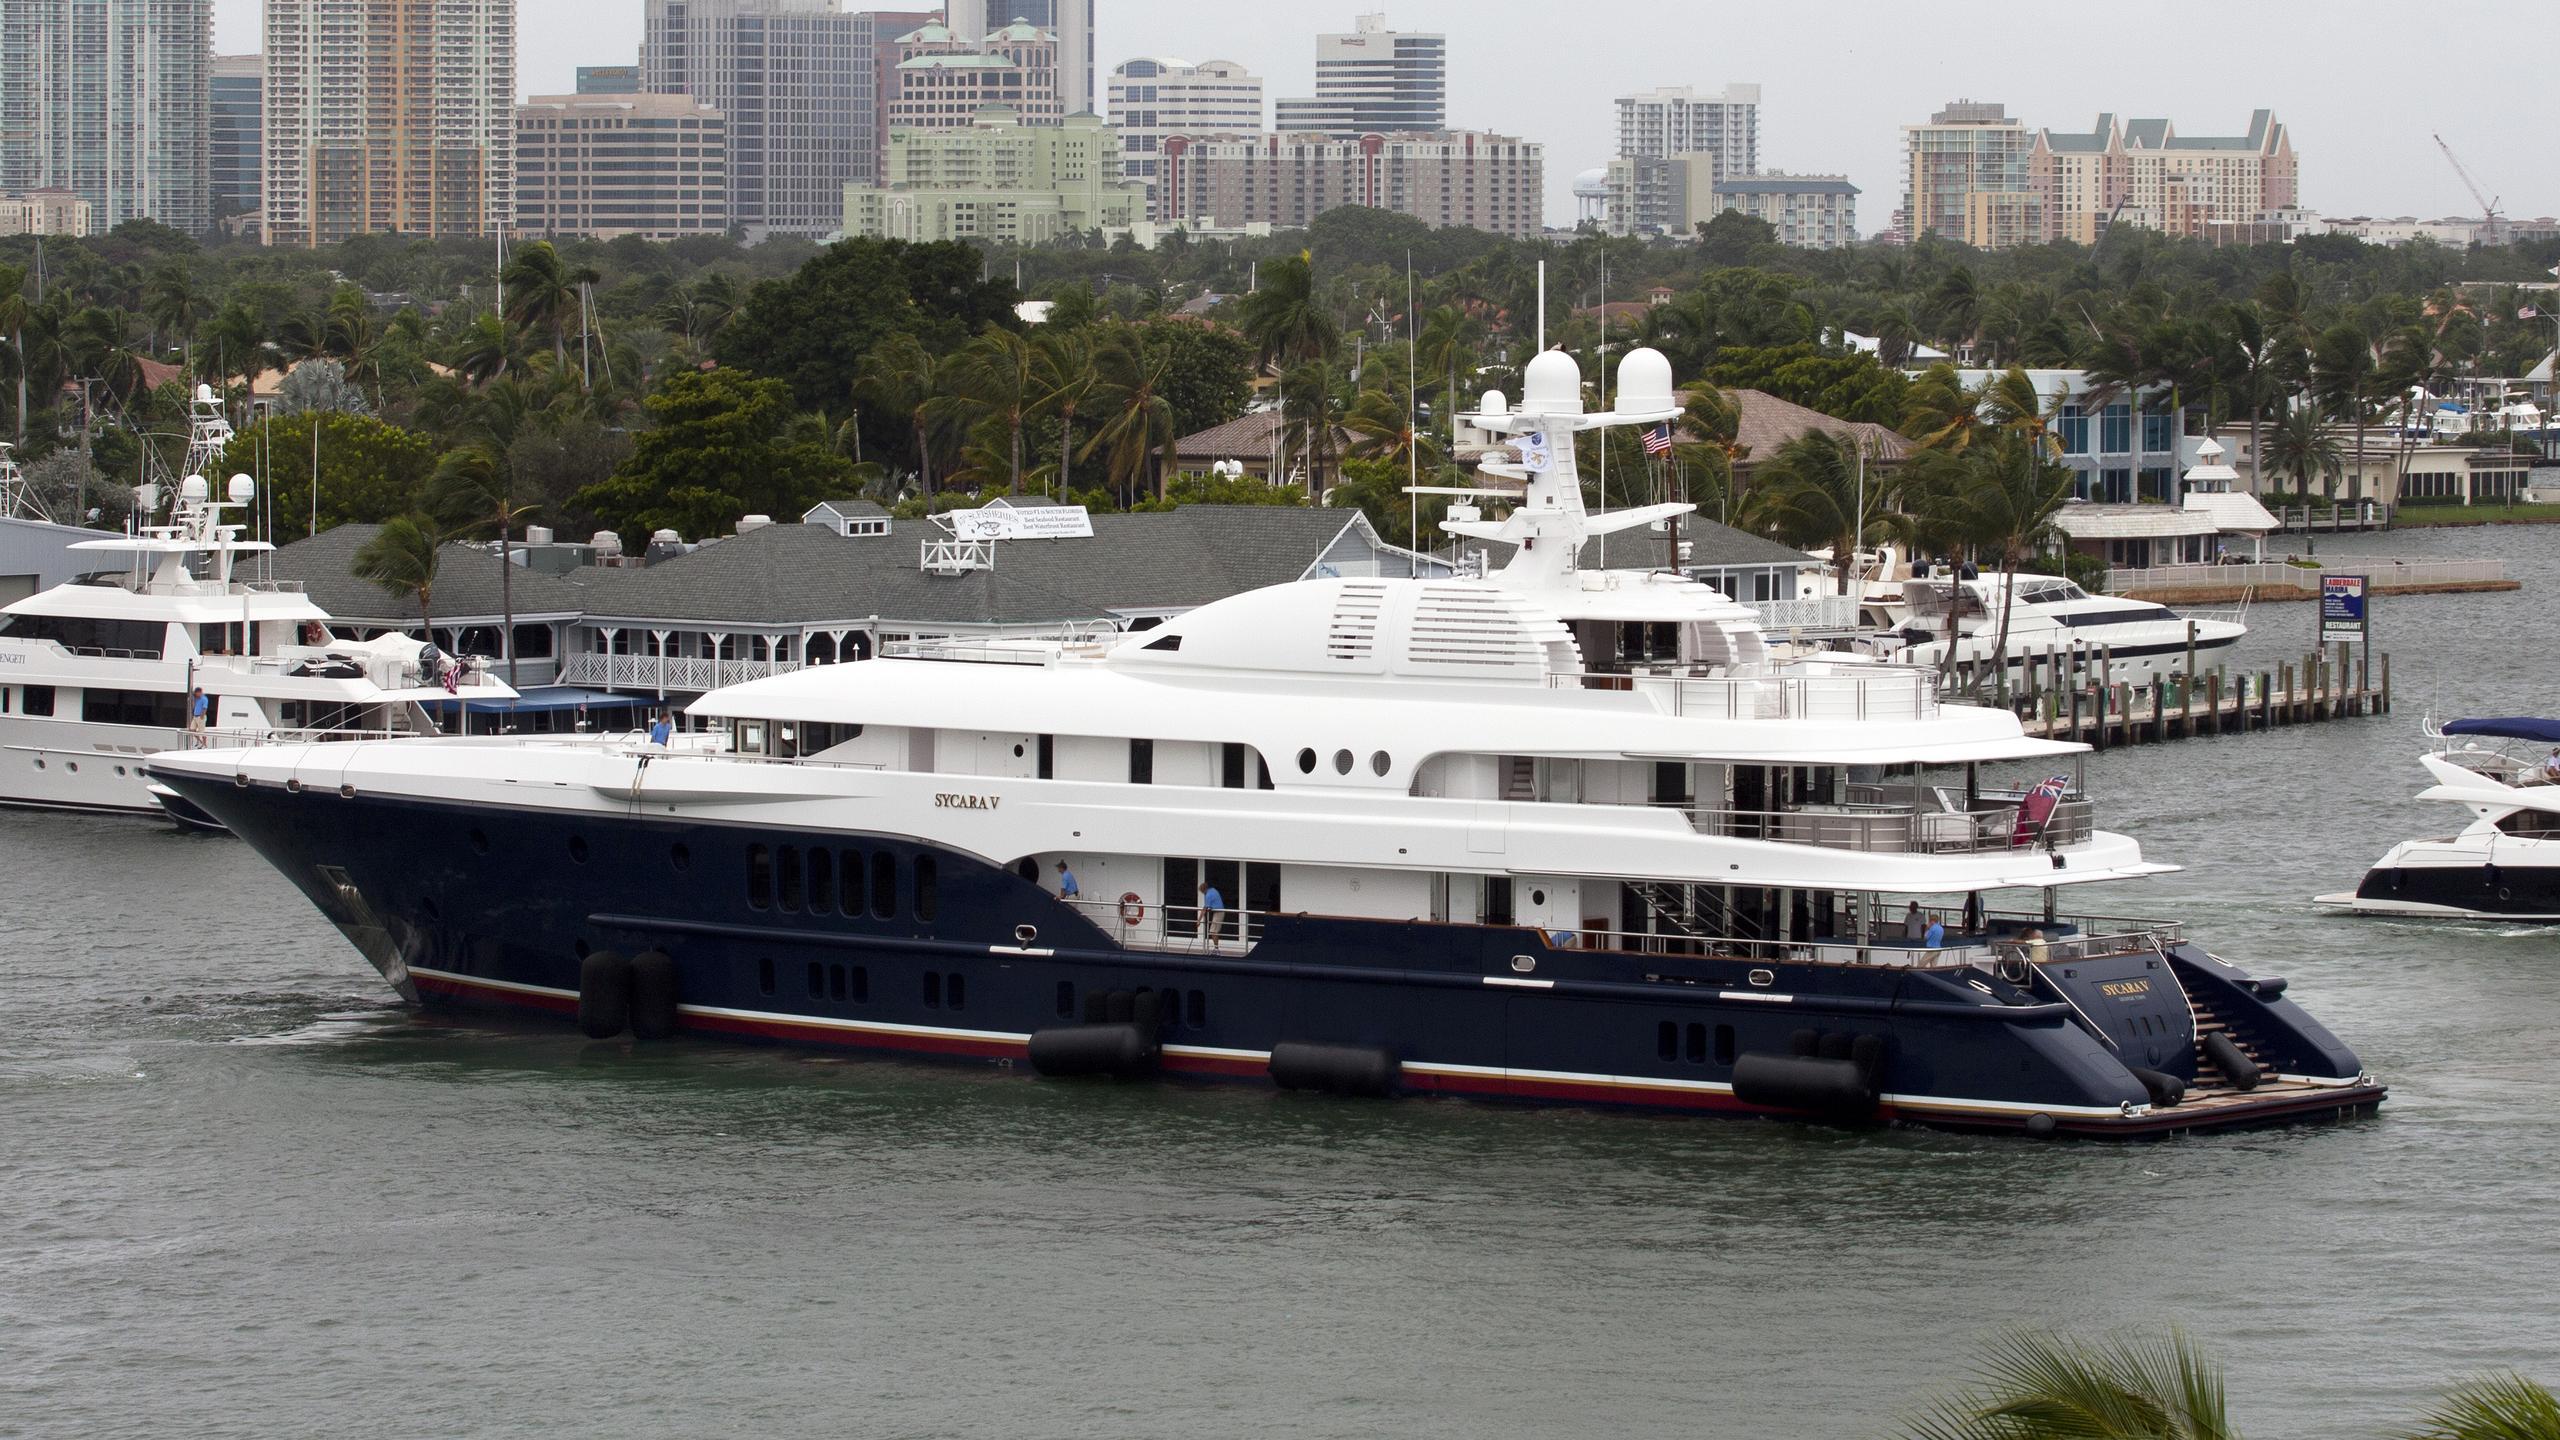 sycara-v-yacht-exterior